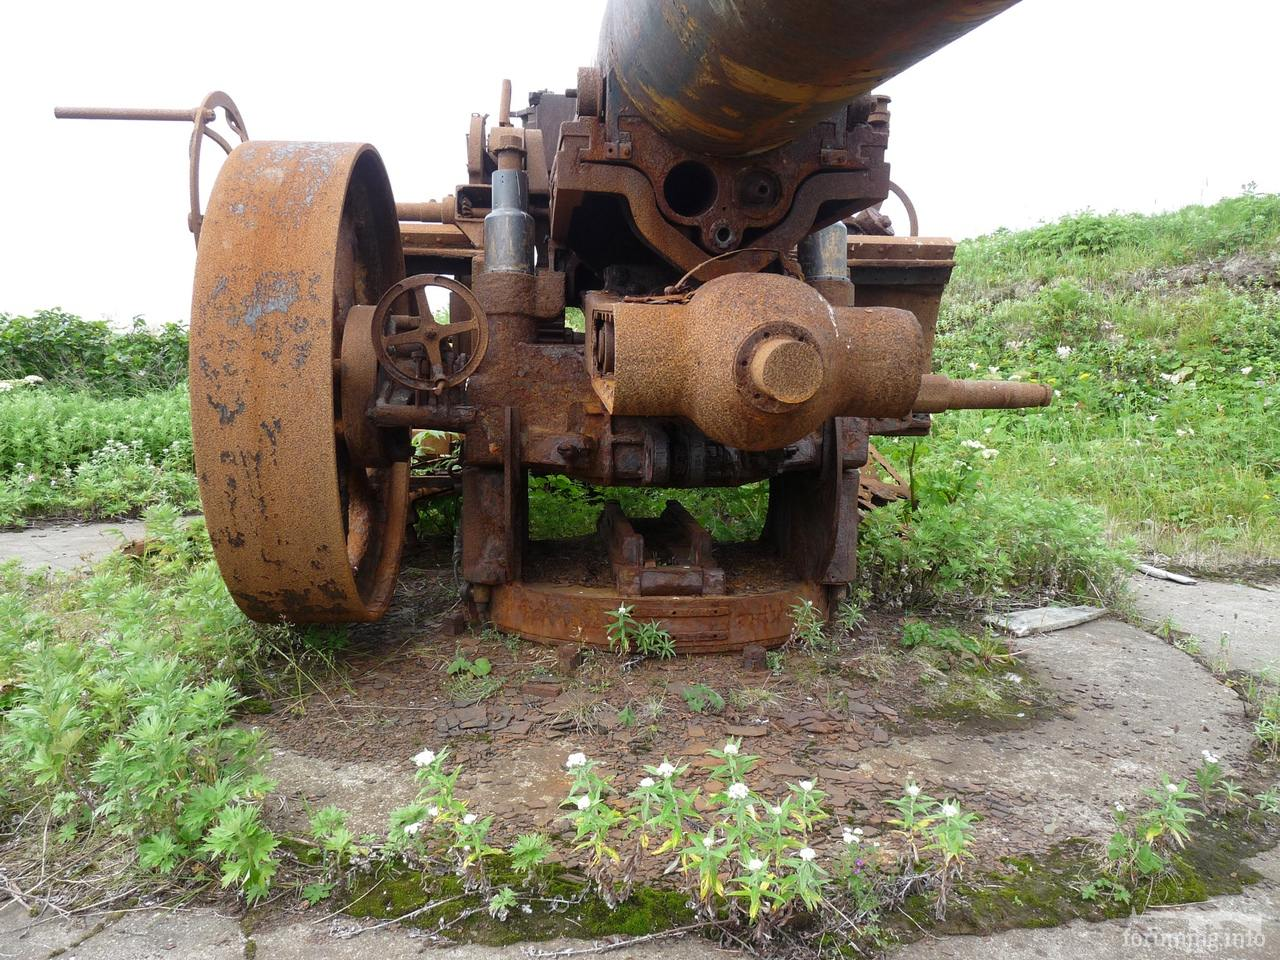 126745 - Корабельные пушки-монстры в музеях и во дворах...